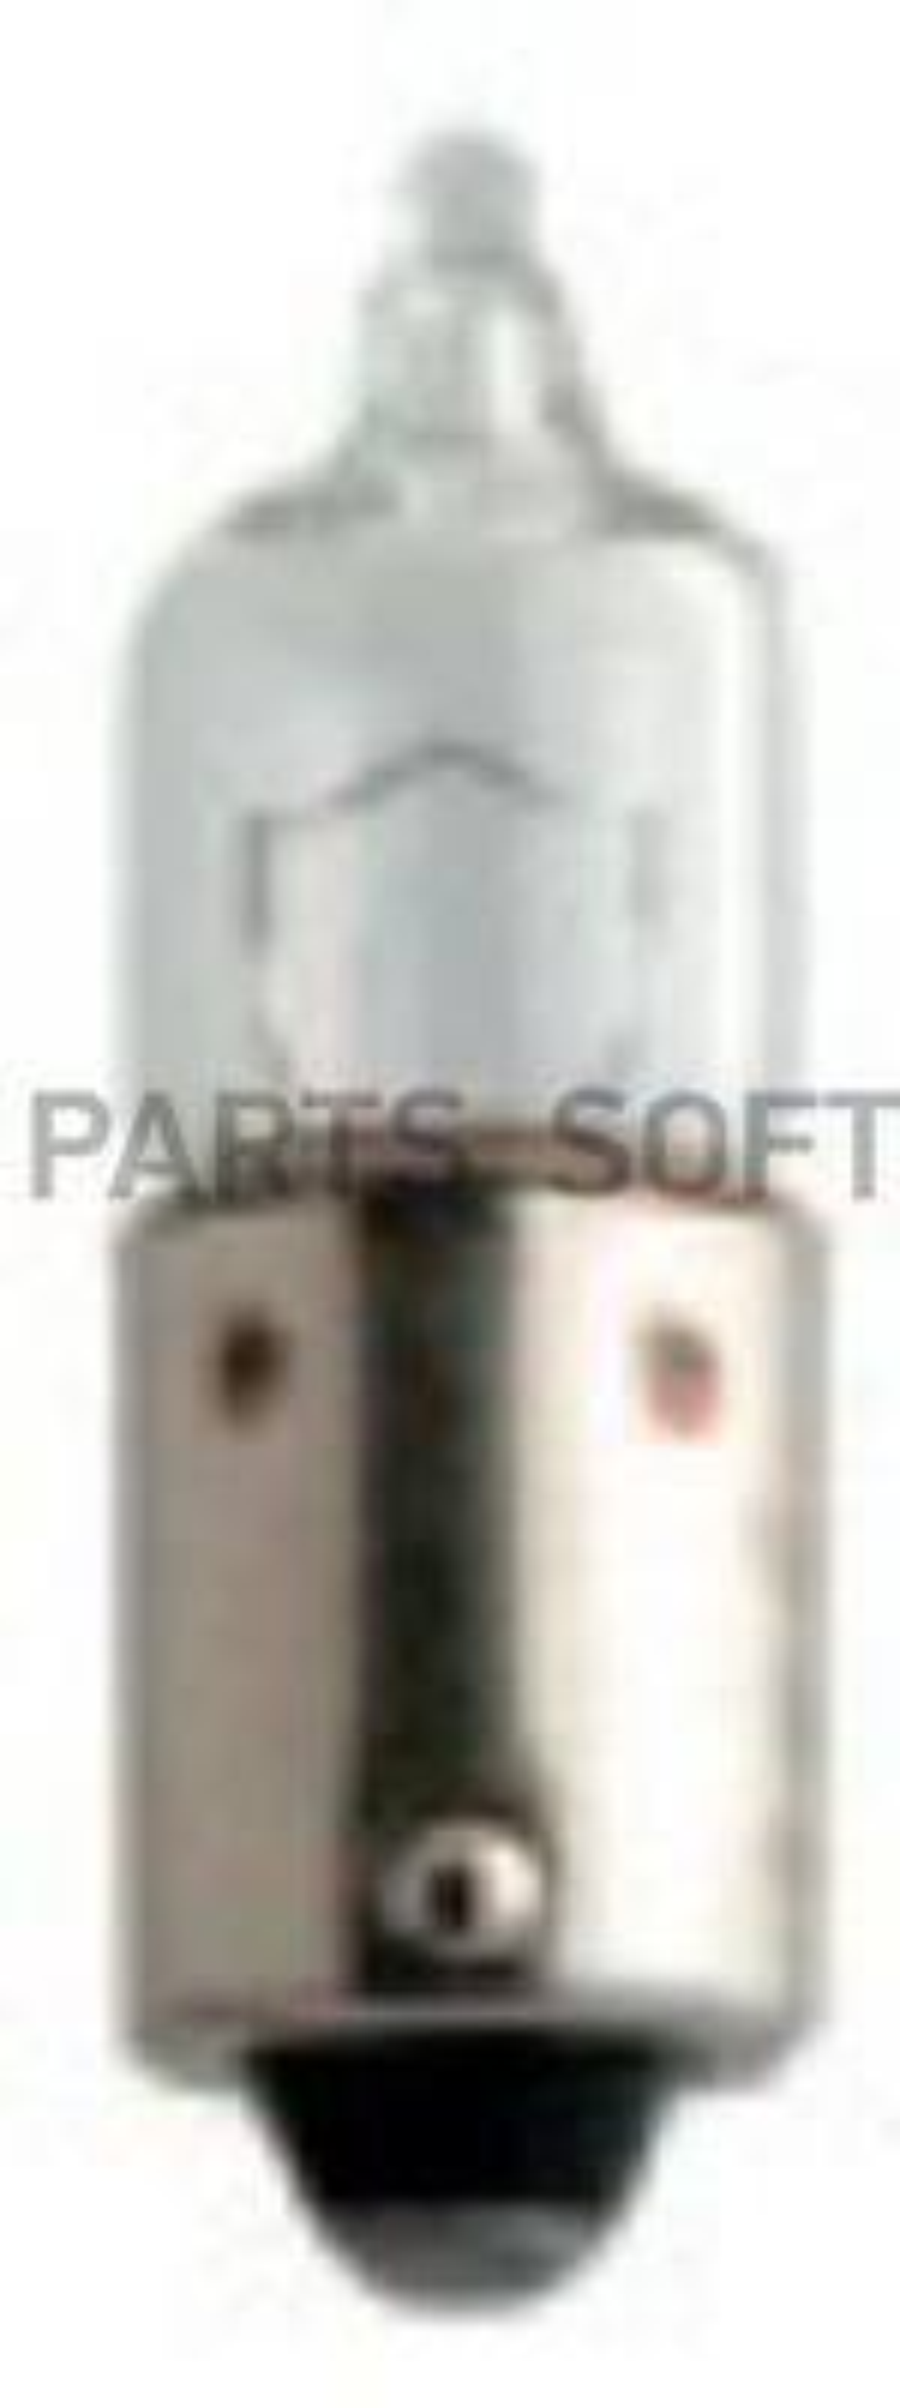 Лампа галоген Halogen miniature lamps H20Вт 12В 20Вт